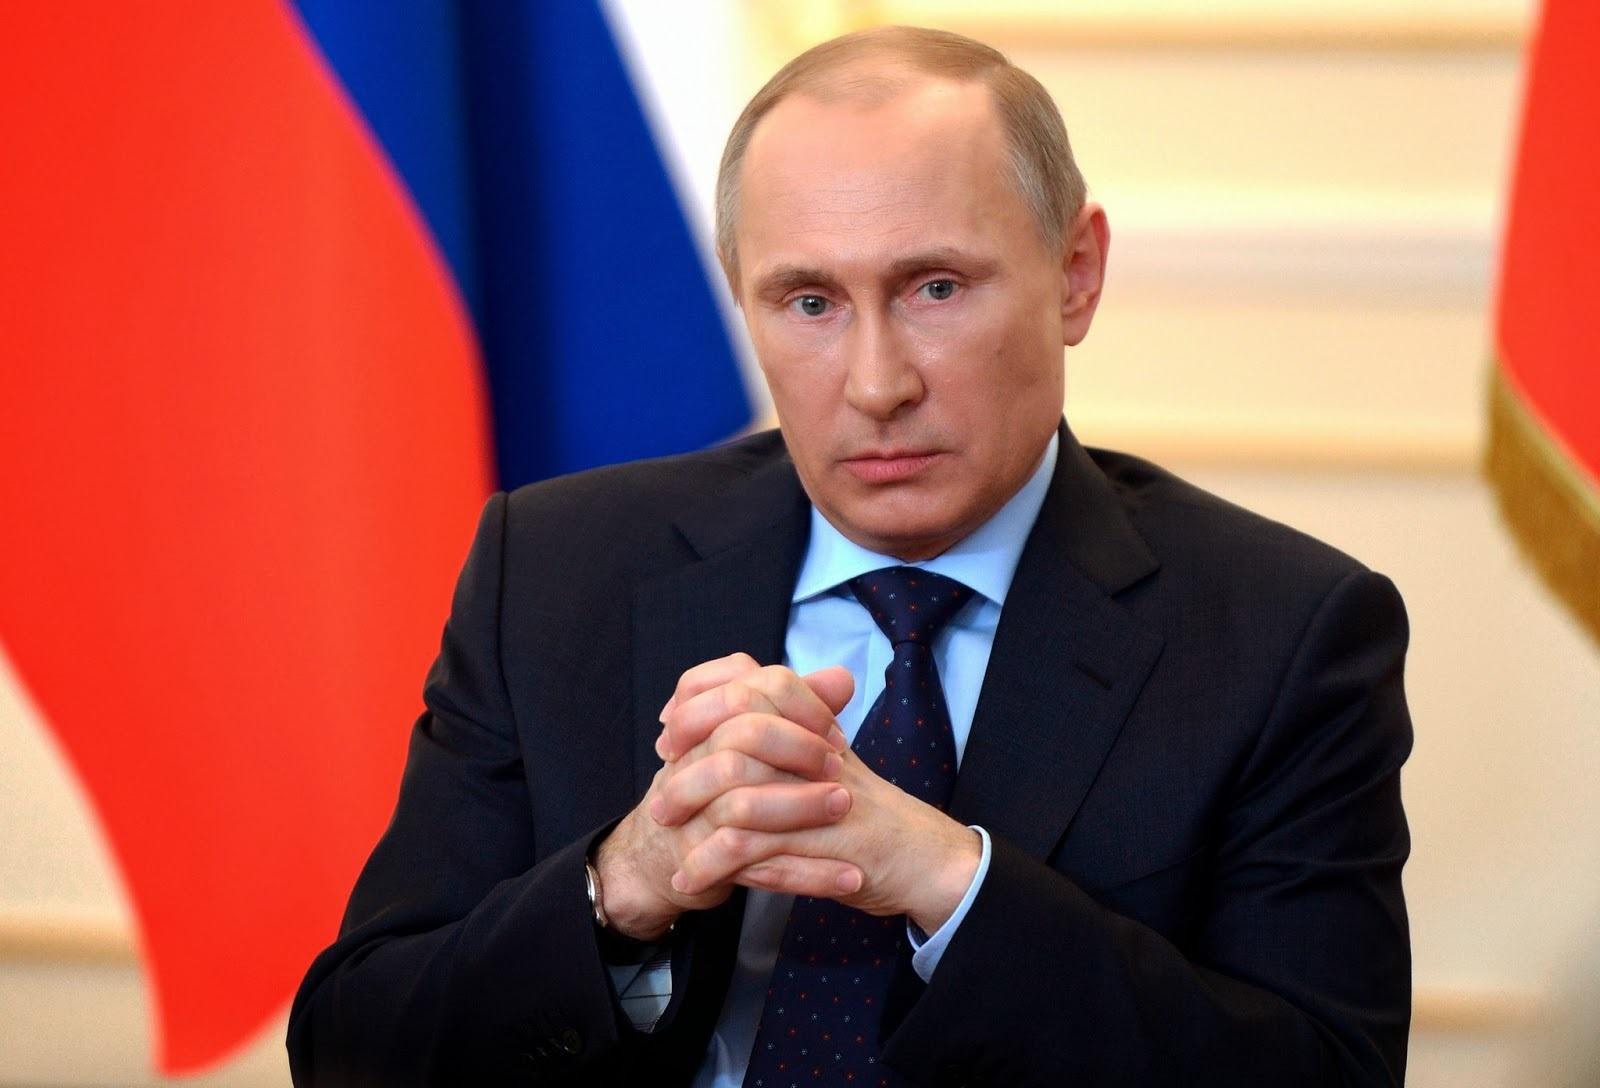 Ռուսաստանն աշխարհի հզորագույն երկների ցանկում է